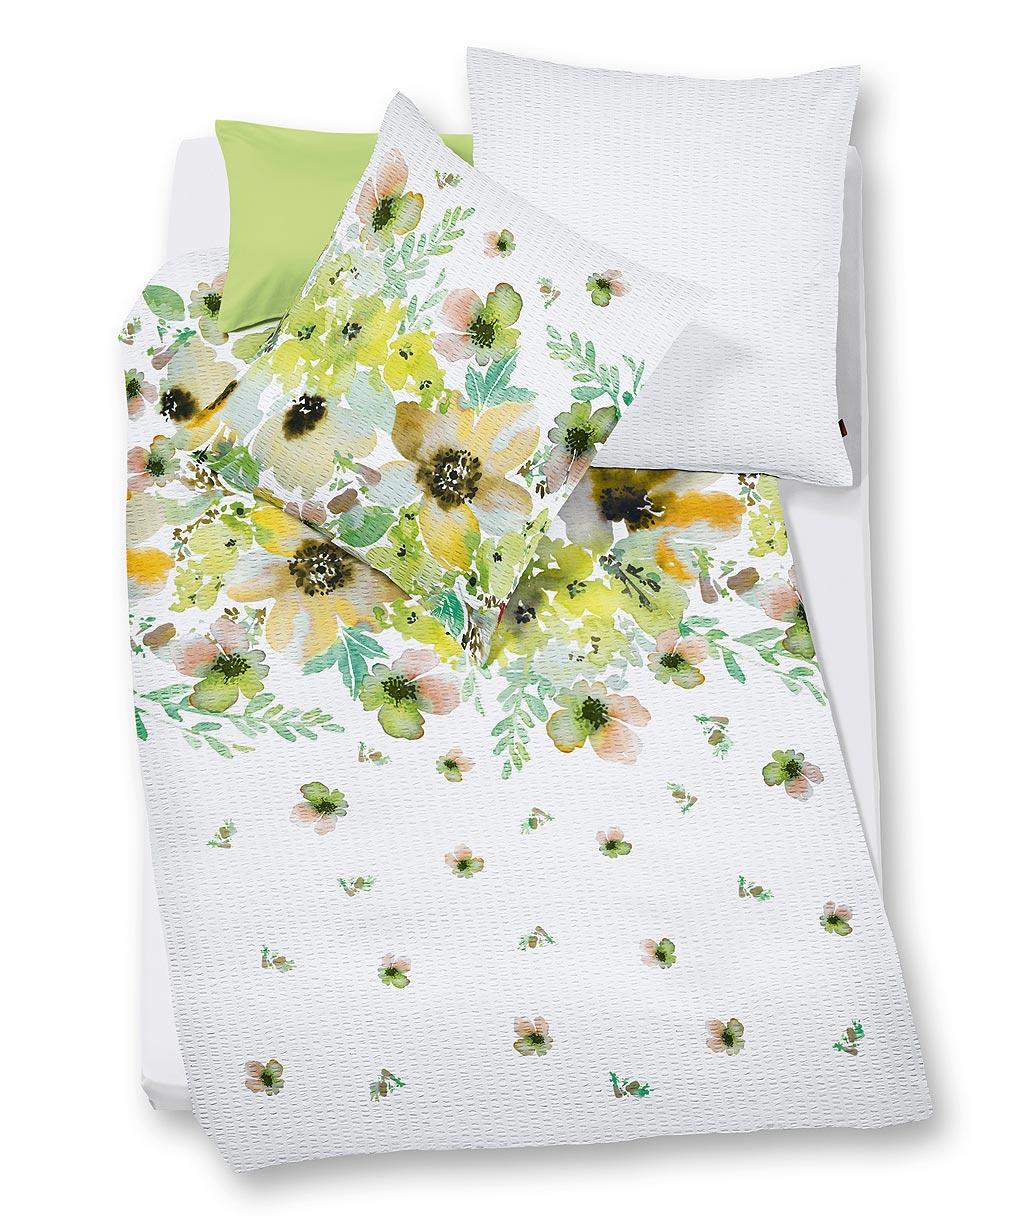 Blumenbettwäsche aus bügelfreiem Seersucker für den Sommer